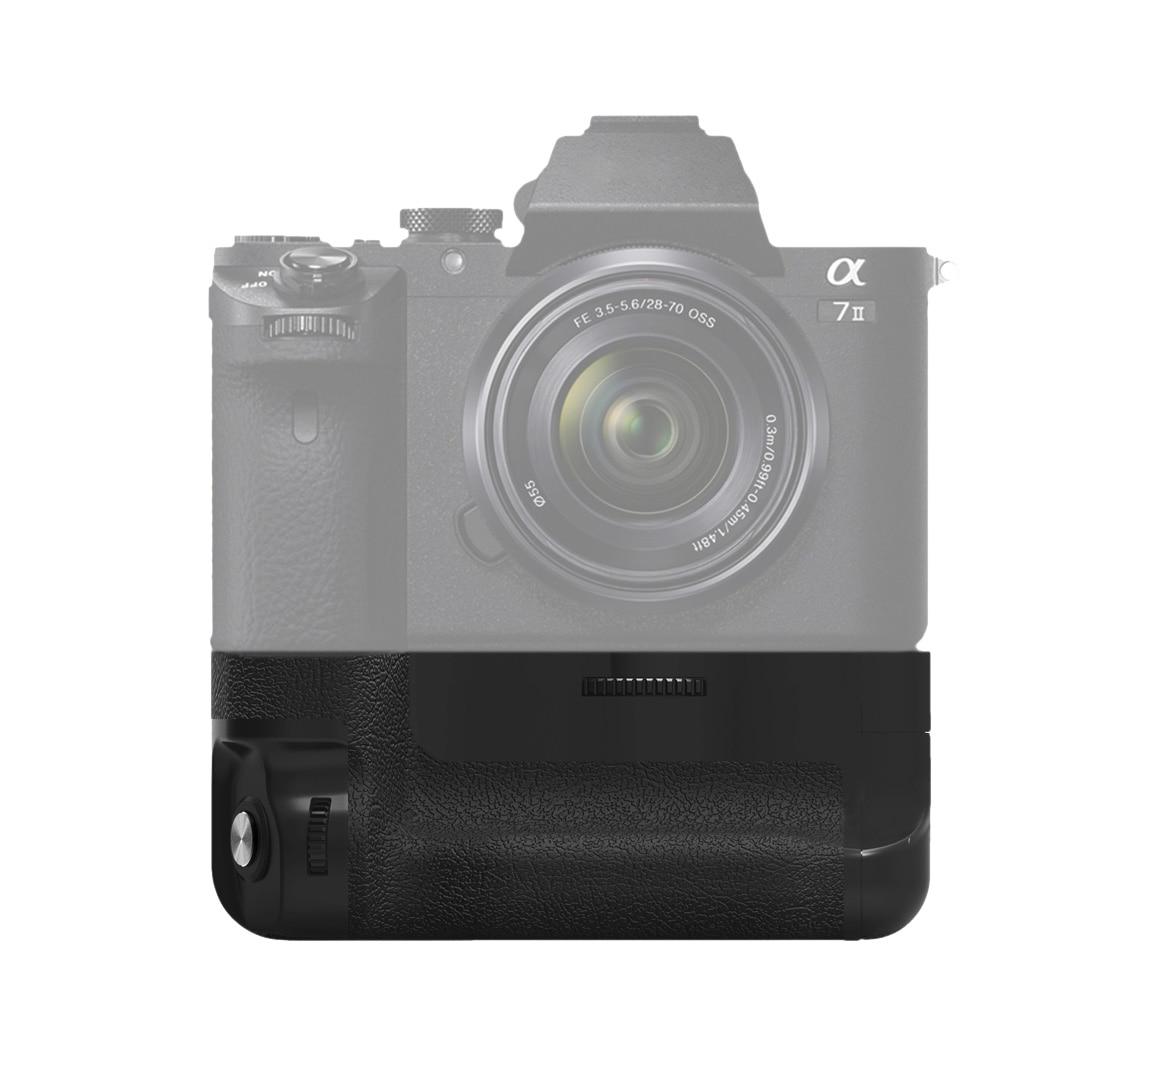 Meike MK-A7II Battery vertical Grip for Sony A7 II A7R II as Sony VG-C2EM батарейный блок sony vg c2em для a7 ii